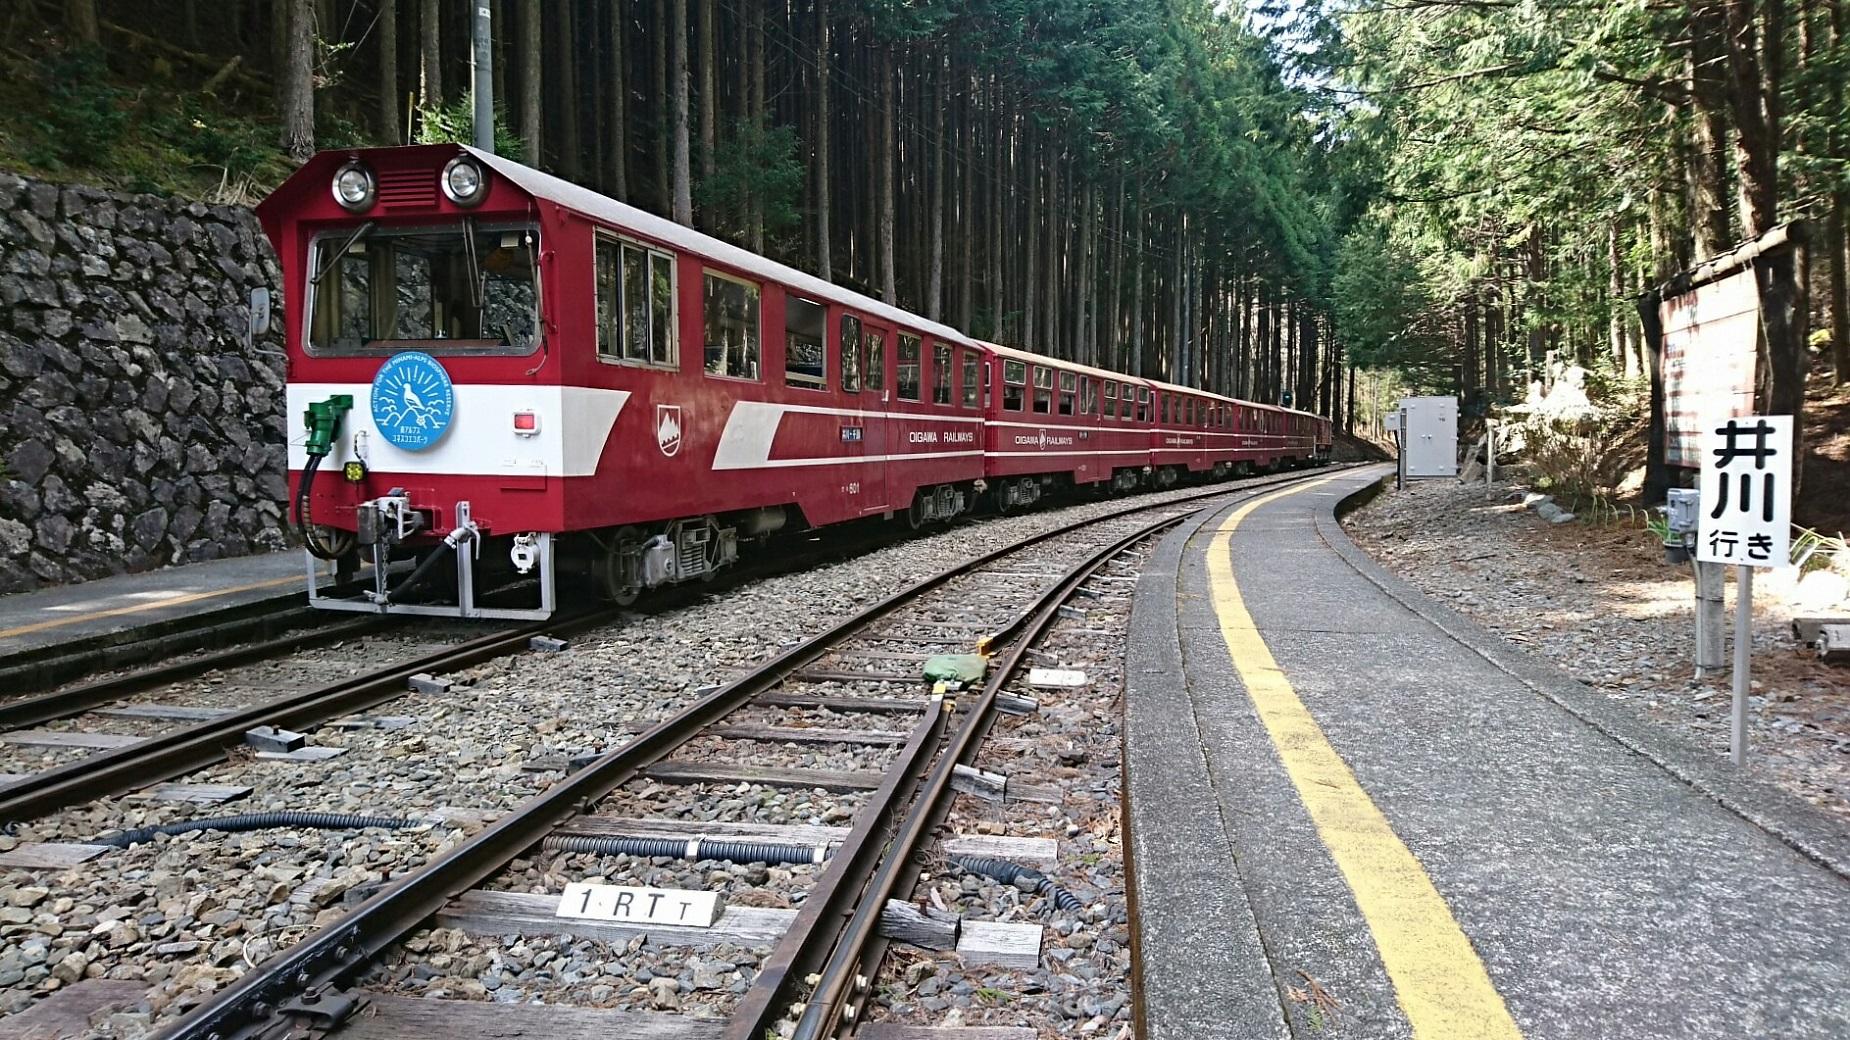 2018.3.28 かえり (7) 閑蔵 - 千頭いき列車(うしろ) 1850-1040